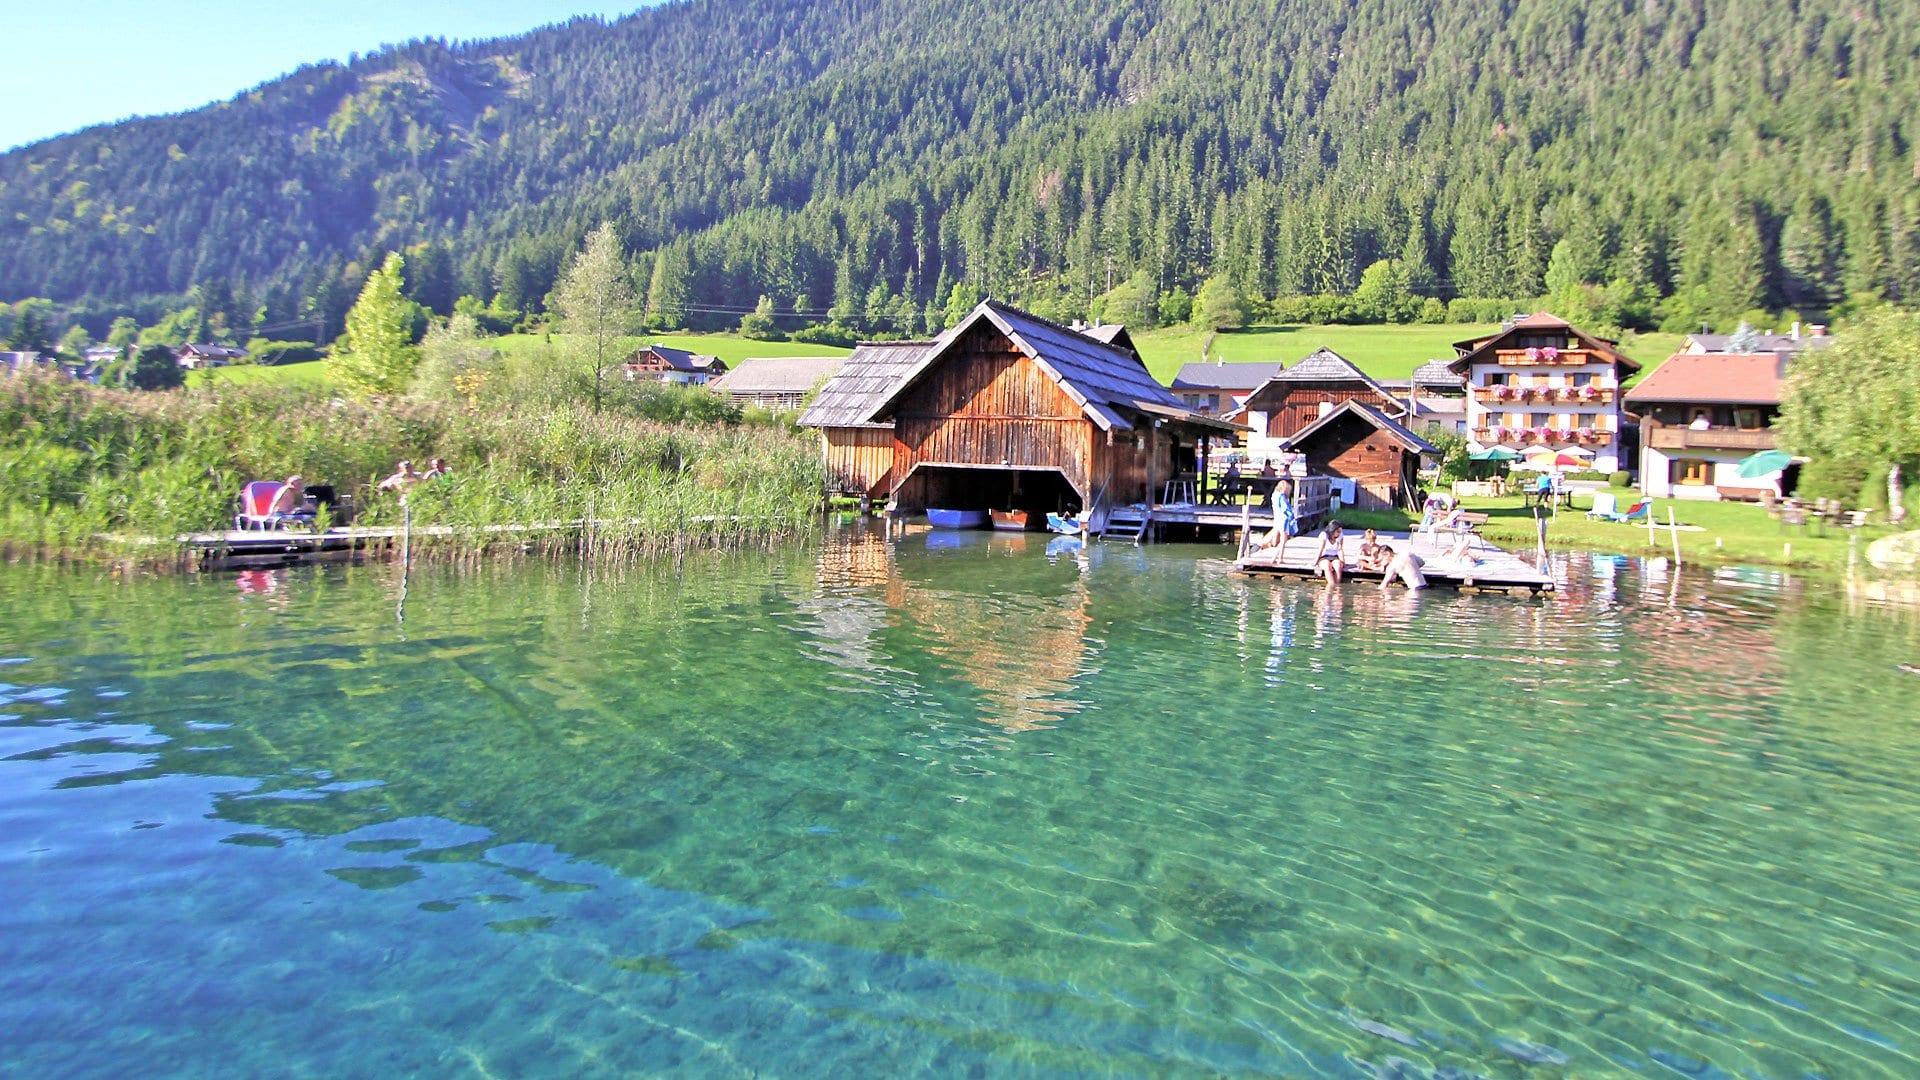 Naturpark-Weissensee-Badeurlaub-Familienurlaub-Eigener-Badesteg-Urlaub-mit-Hund-Ferienwohnungen-Hoffmann-5